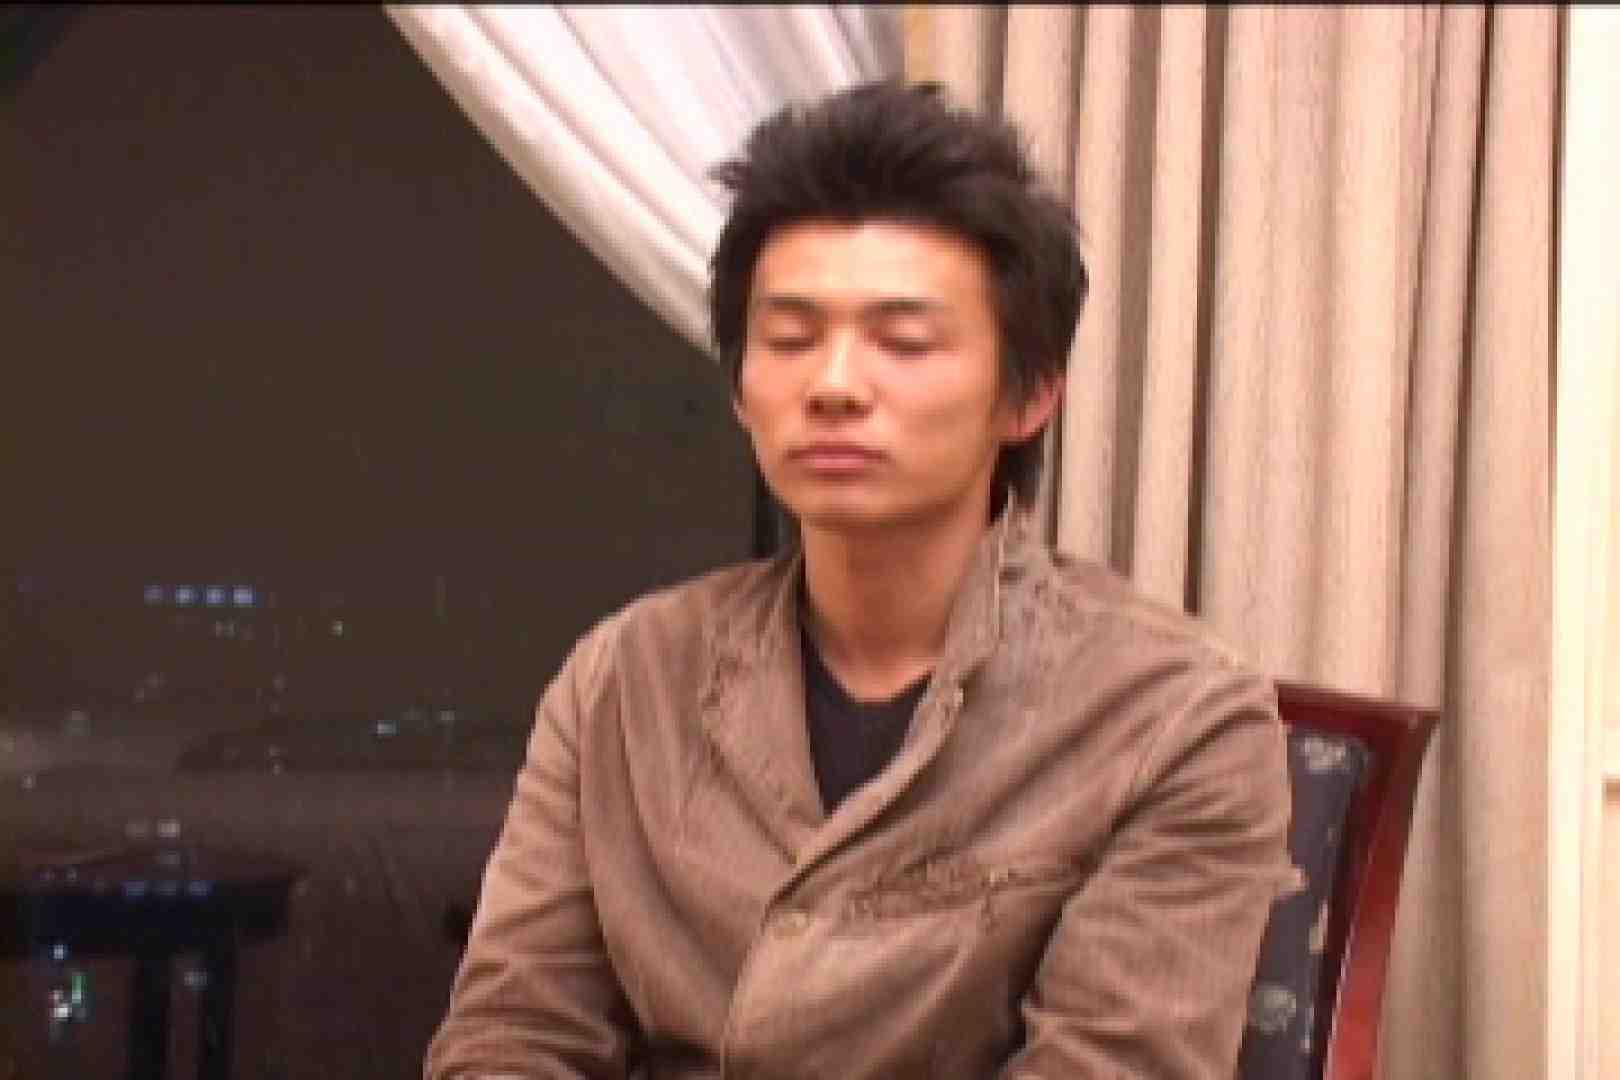 ノンケ狩り!First experience Vol.3 男・男・男 ゲイ無修正ビデオ画像 108枚 28